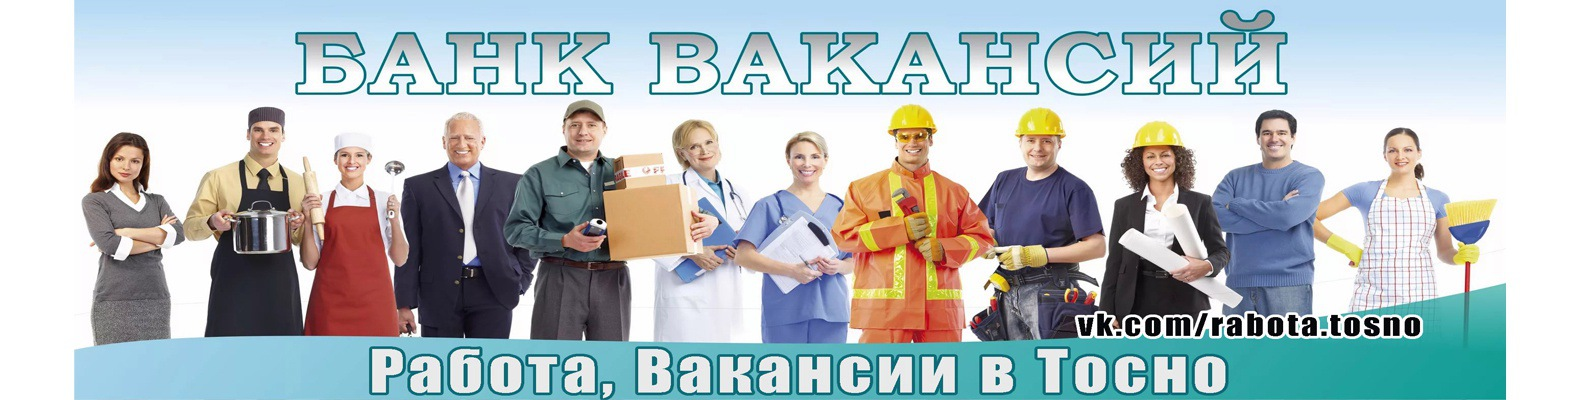 купить митсубиси паджеро спорт дизель бу частные объявления в москве